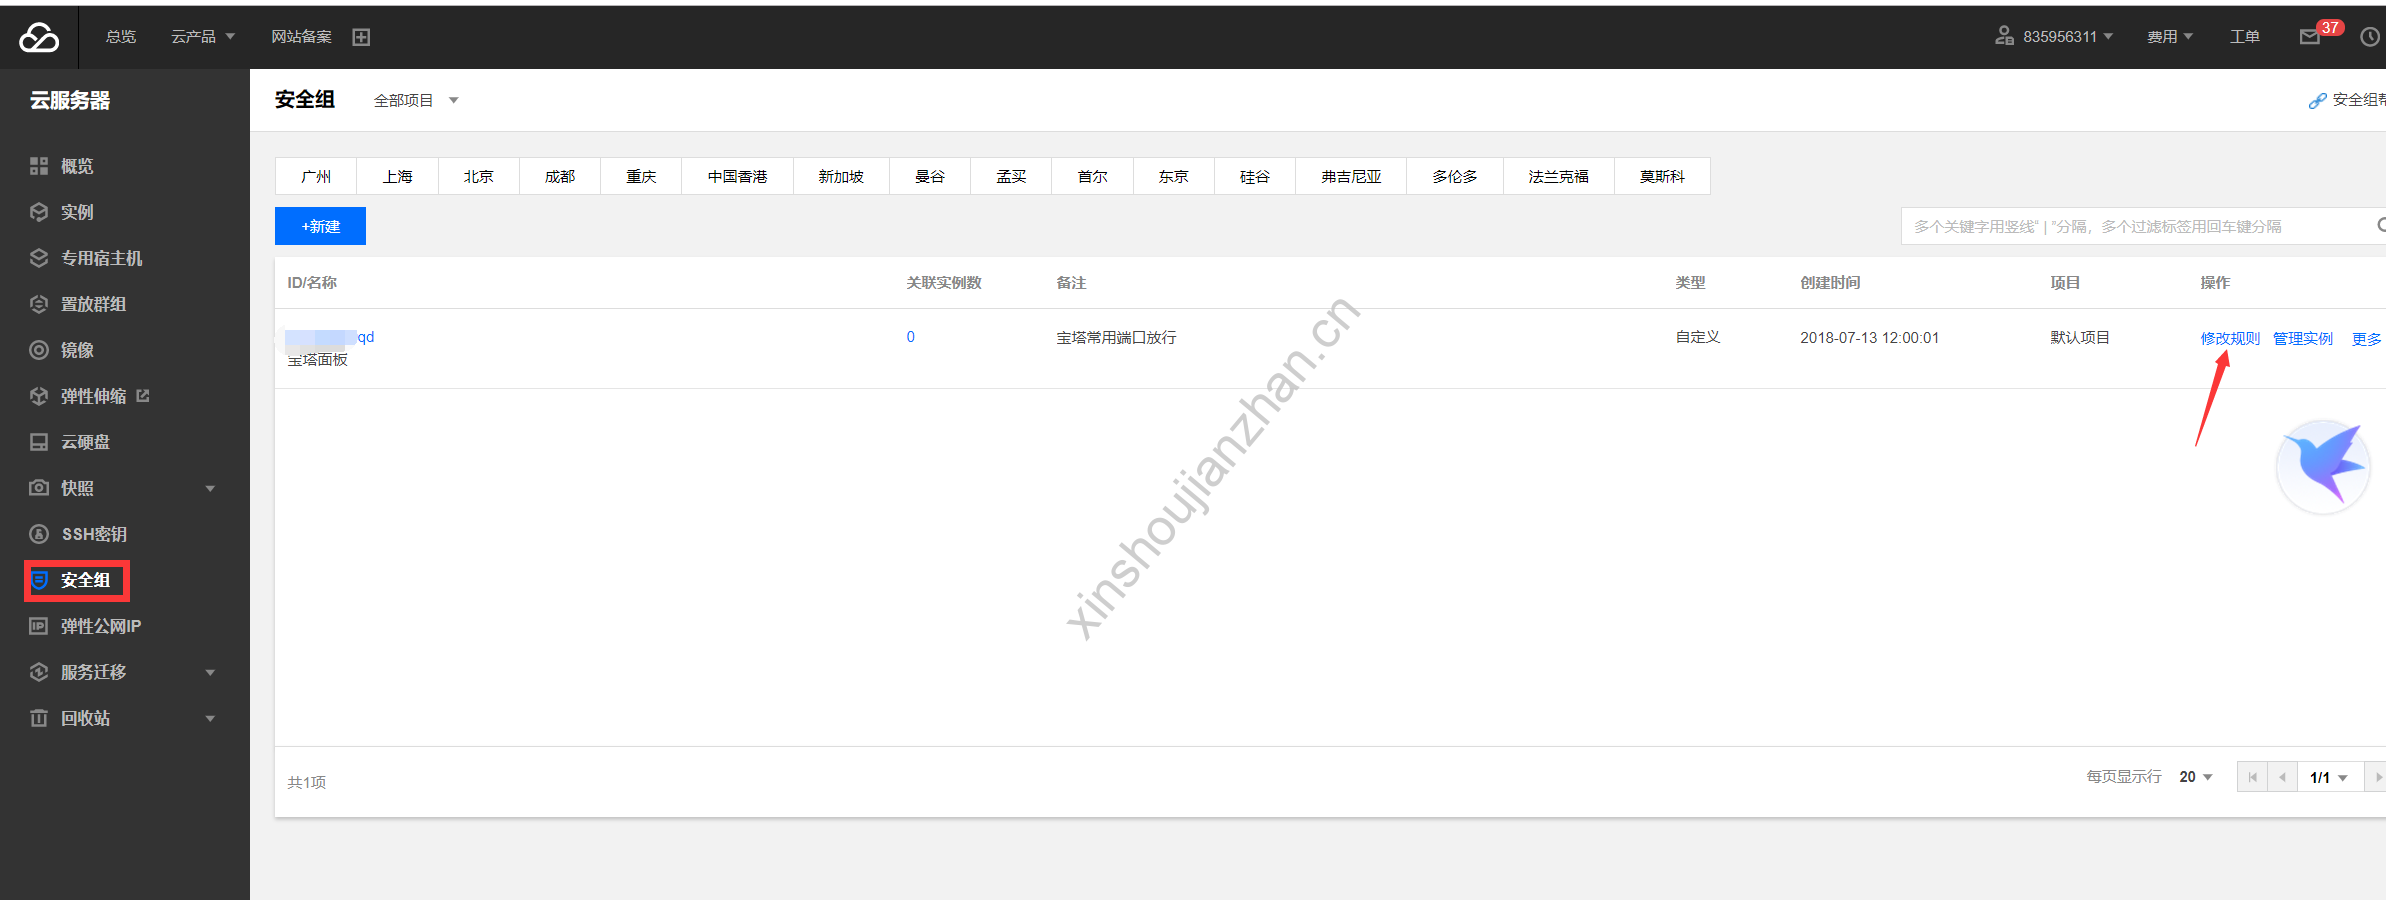 宝塔面板放行端口一、腾讯云服务器示例